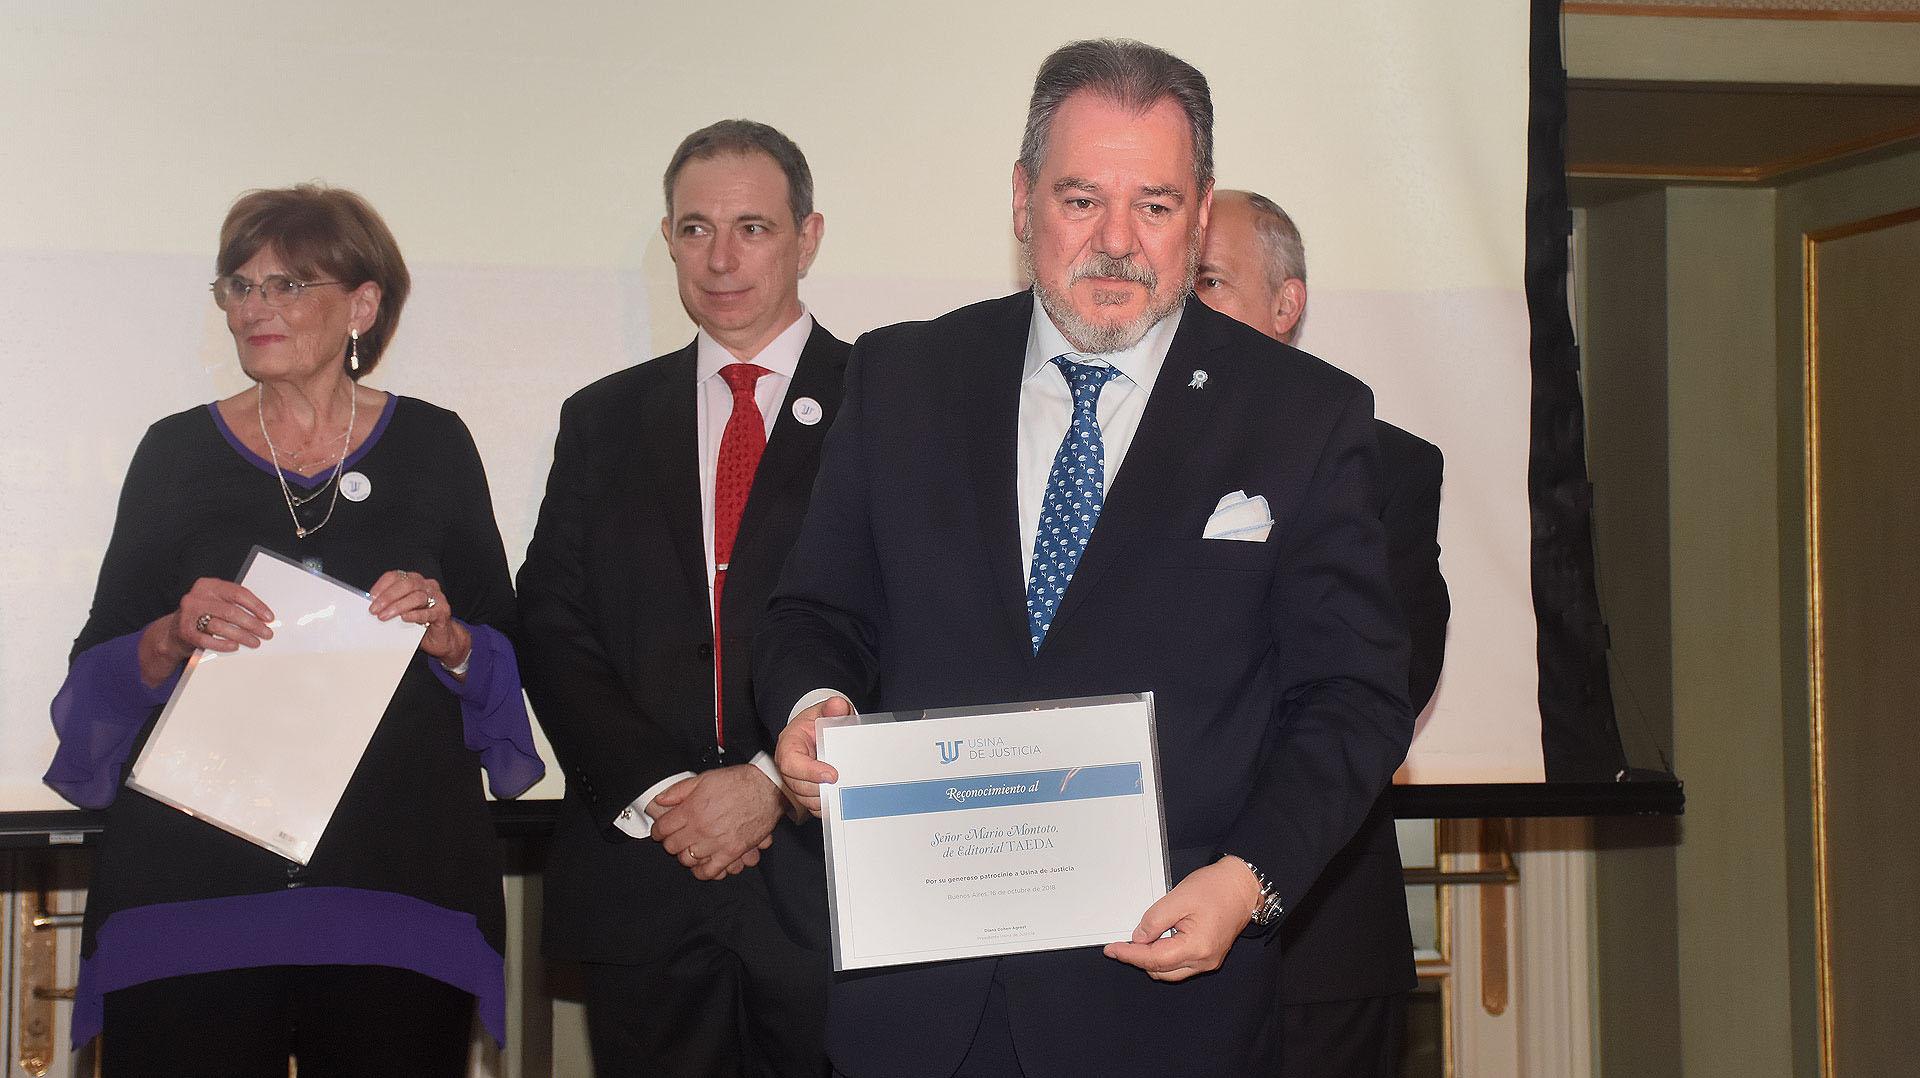 El reconocimiento al presidente de Editorial TAEDA, Mario Montoto